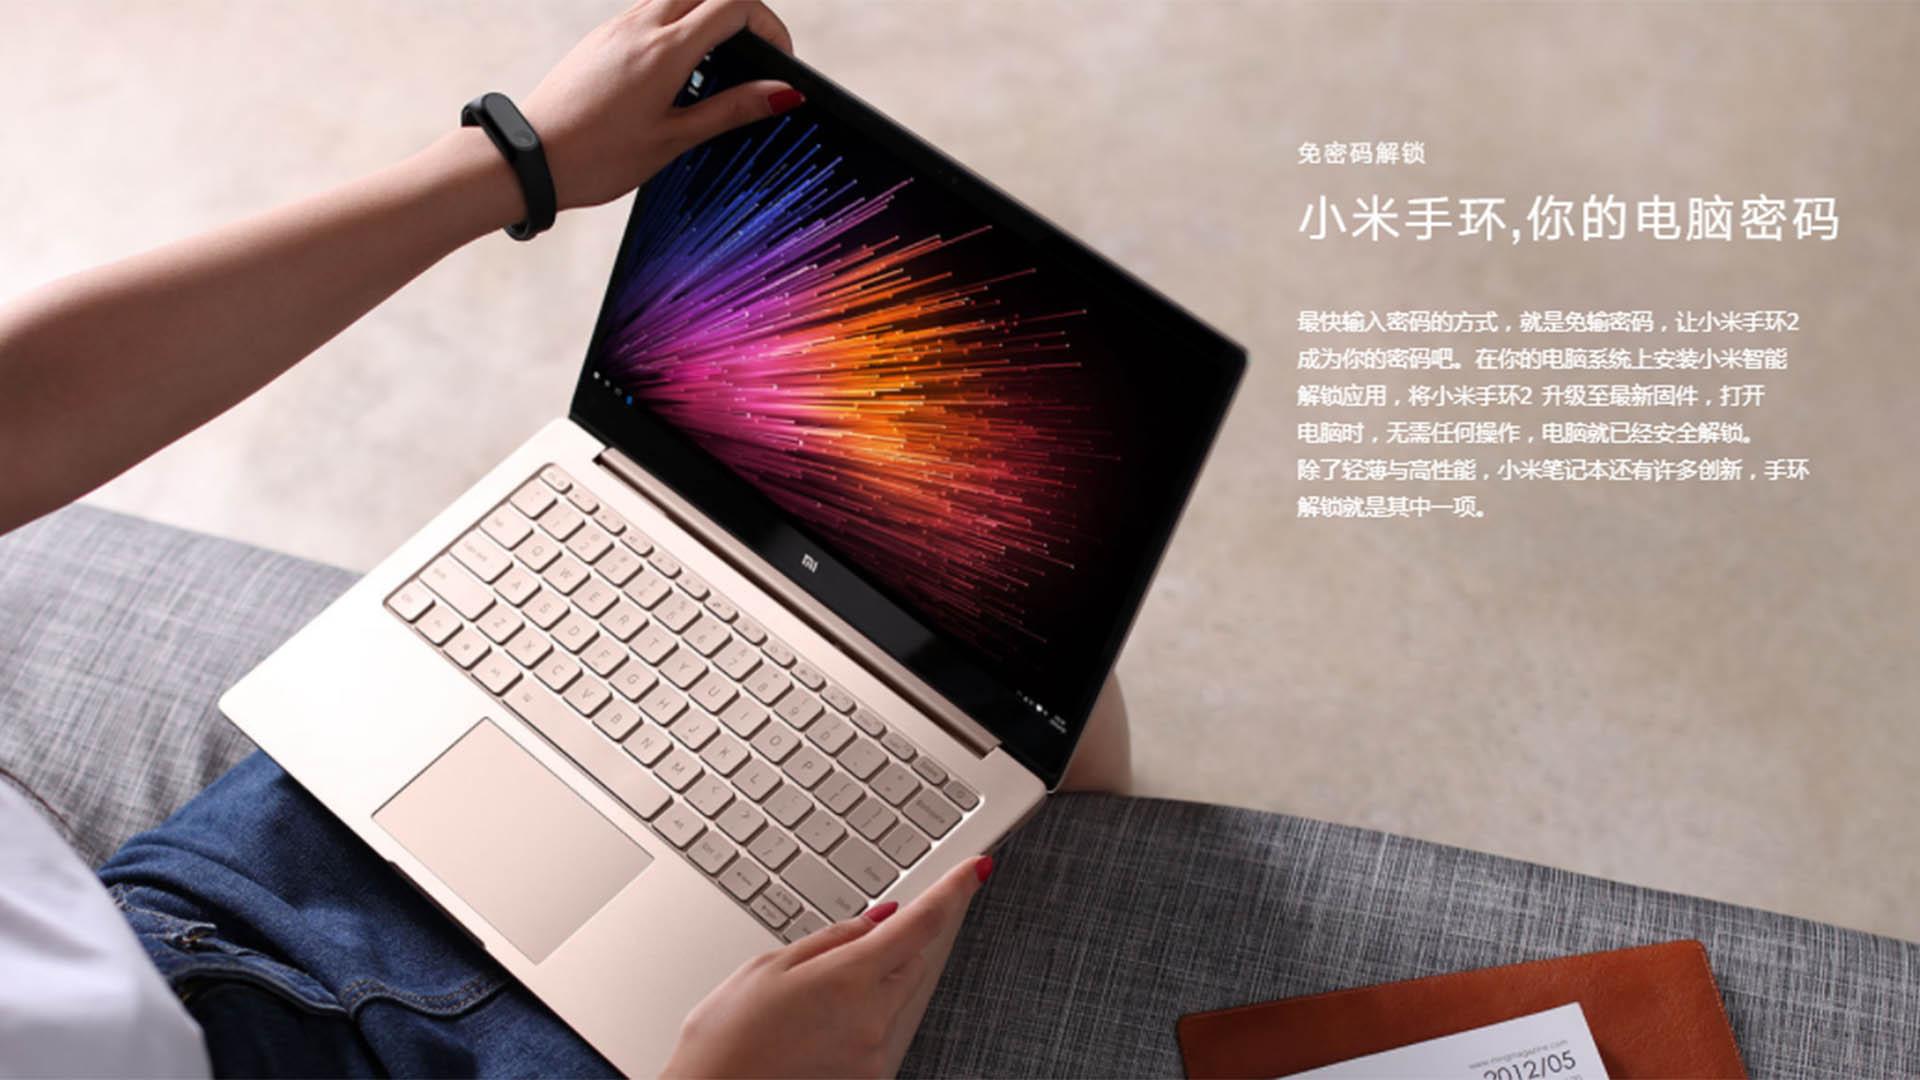 Xiaomi Mi NoteBook Air 12 - 2017